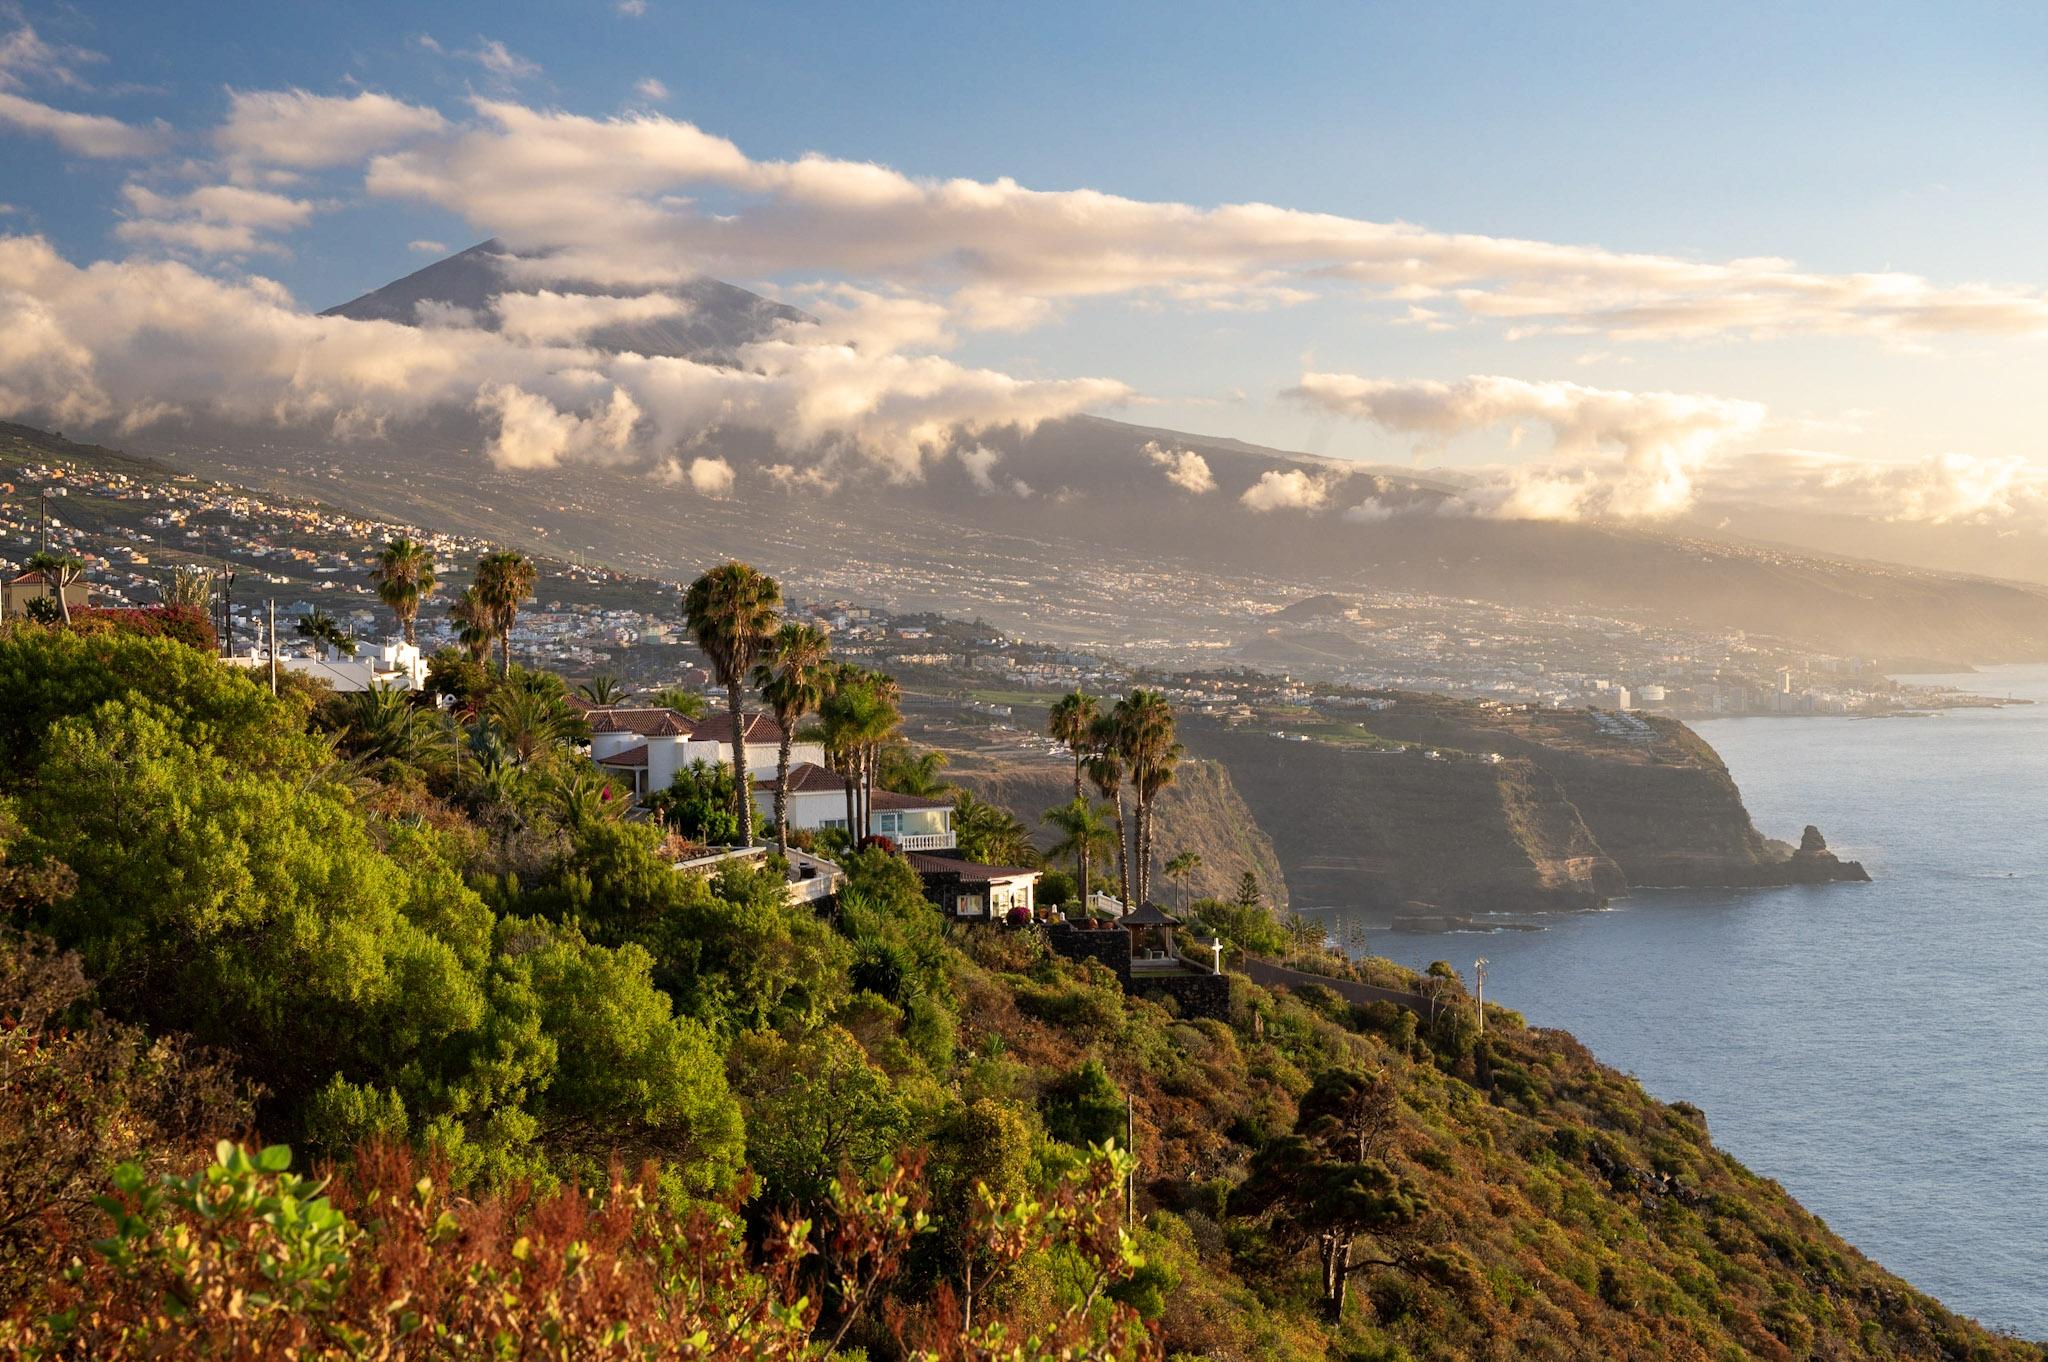 Nejvyšší vrchol Kanárských ostrovů Pico del Teide dominuje ostrovu Tenerife